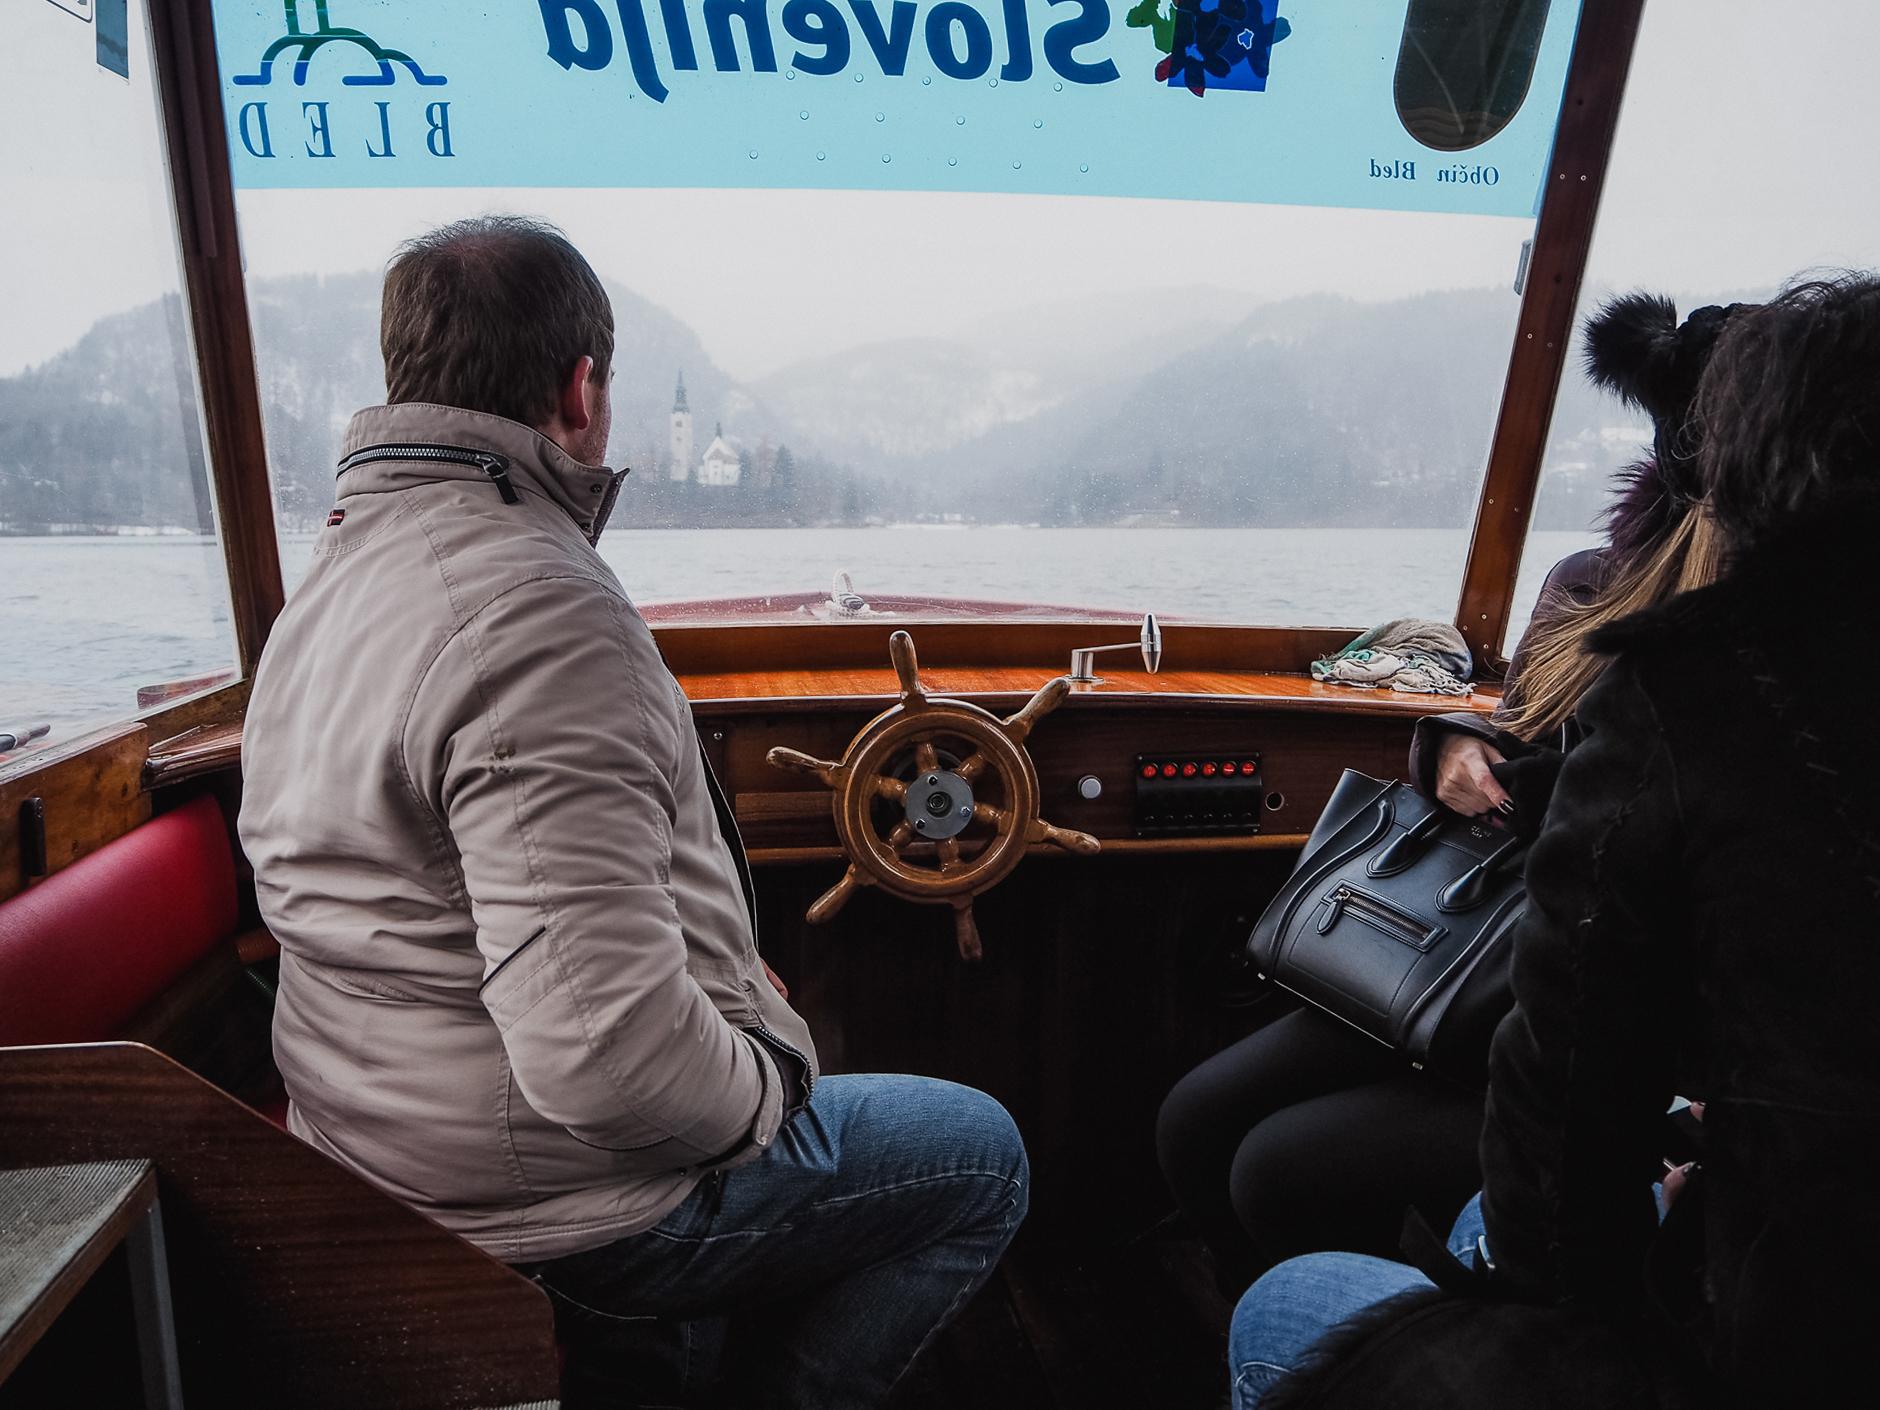 La Et Puis Pays SlovénieMon 2017 Cœur Oh De Coup nPXwkN0O8